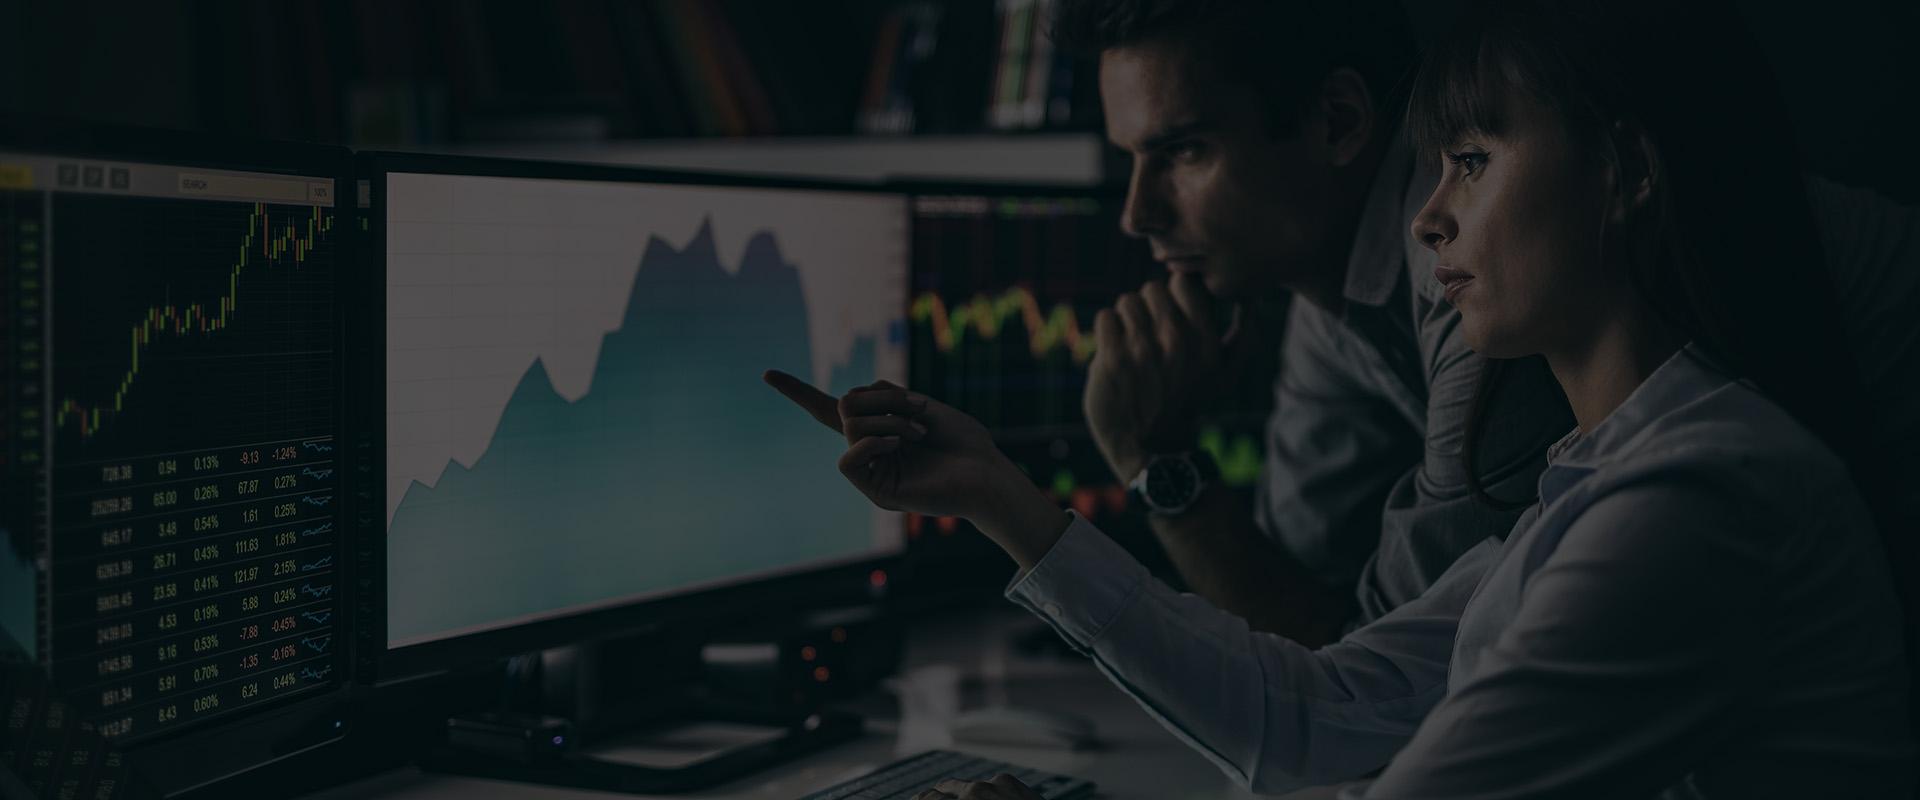 Conseils pour les nouveaux investisseurs